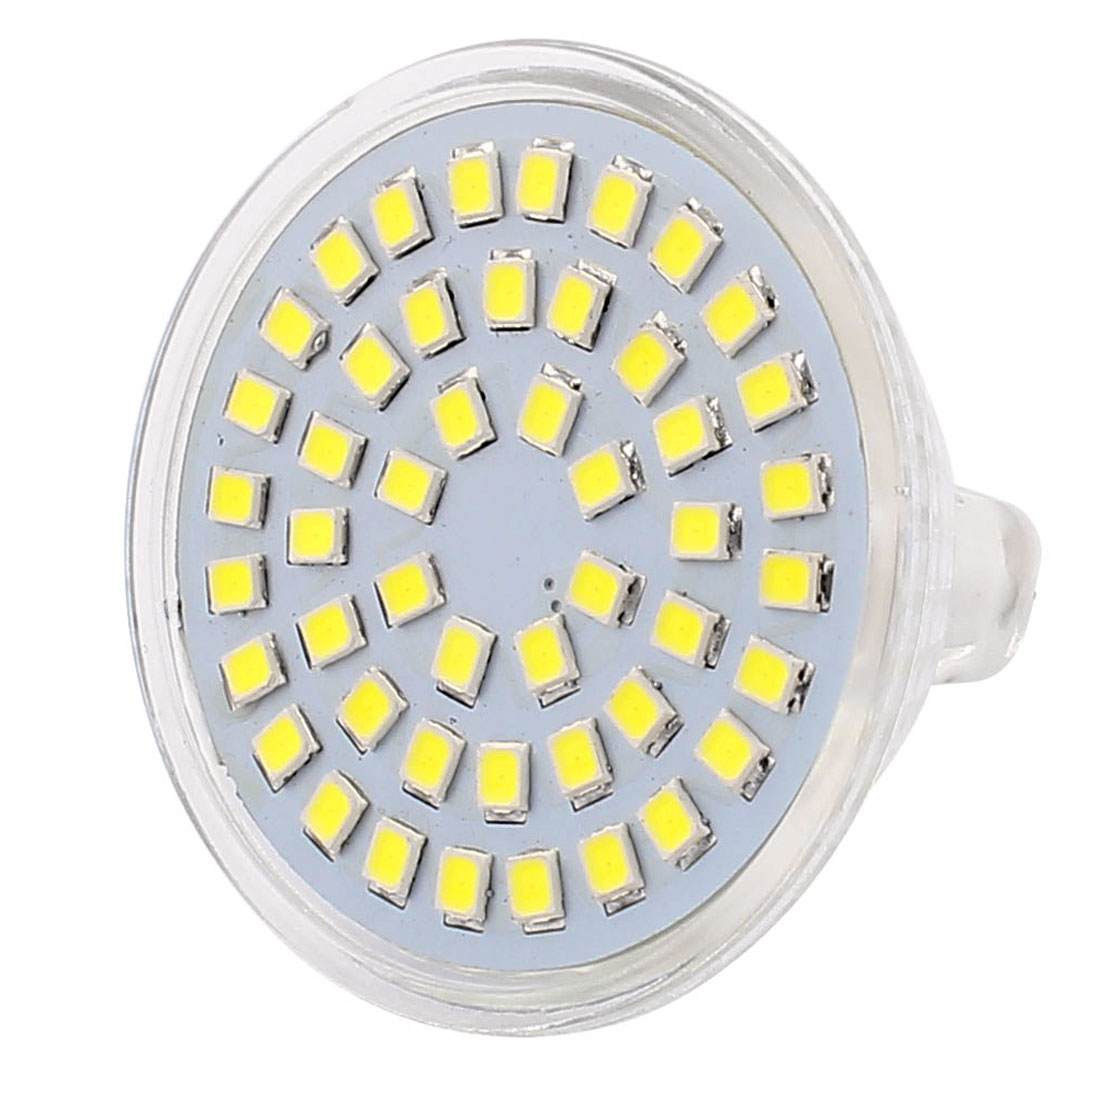 110V 4W MR16 2835 SMD 48 LEDs LED Bulb Light Spotlight Down Lamp Lighting White